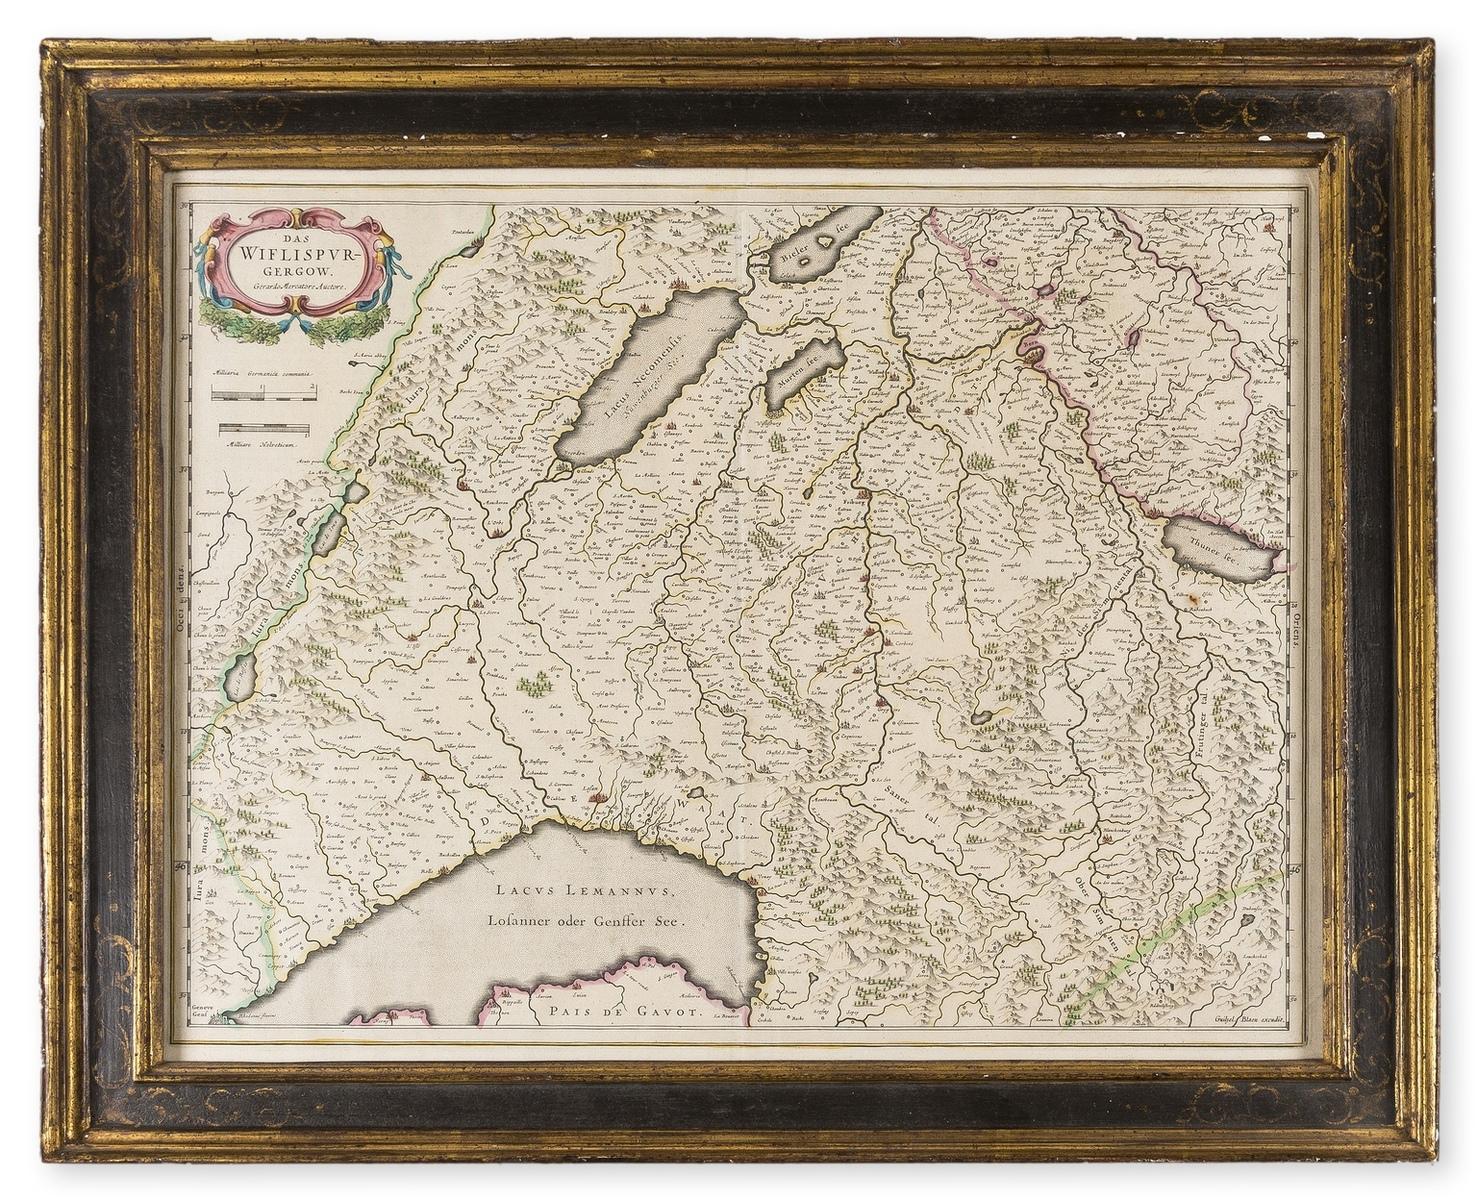 Switzerland.- Blaeu (Willem Jansz.) Das Wiflispurgergow [1687]